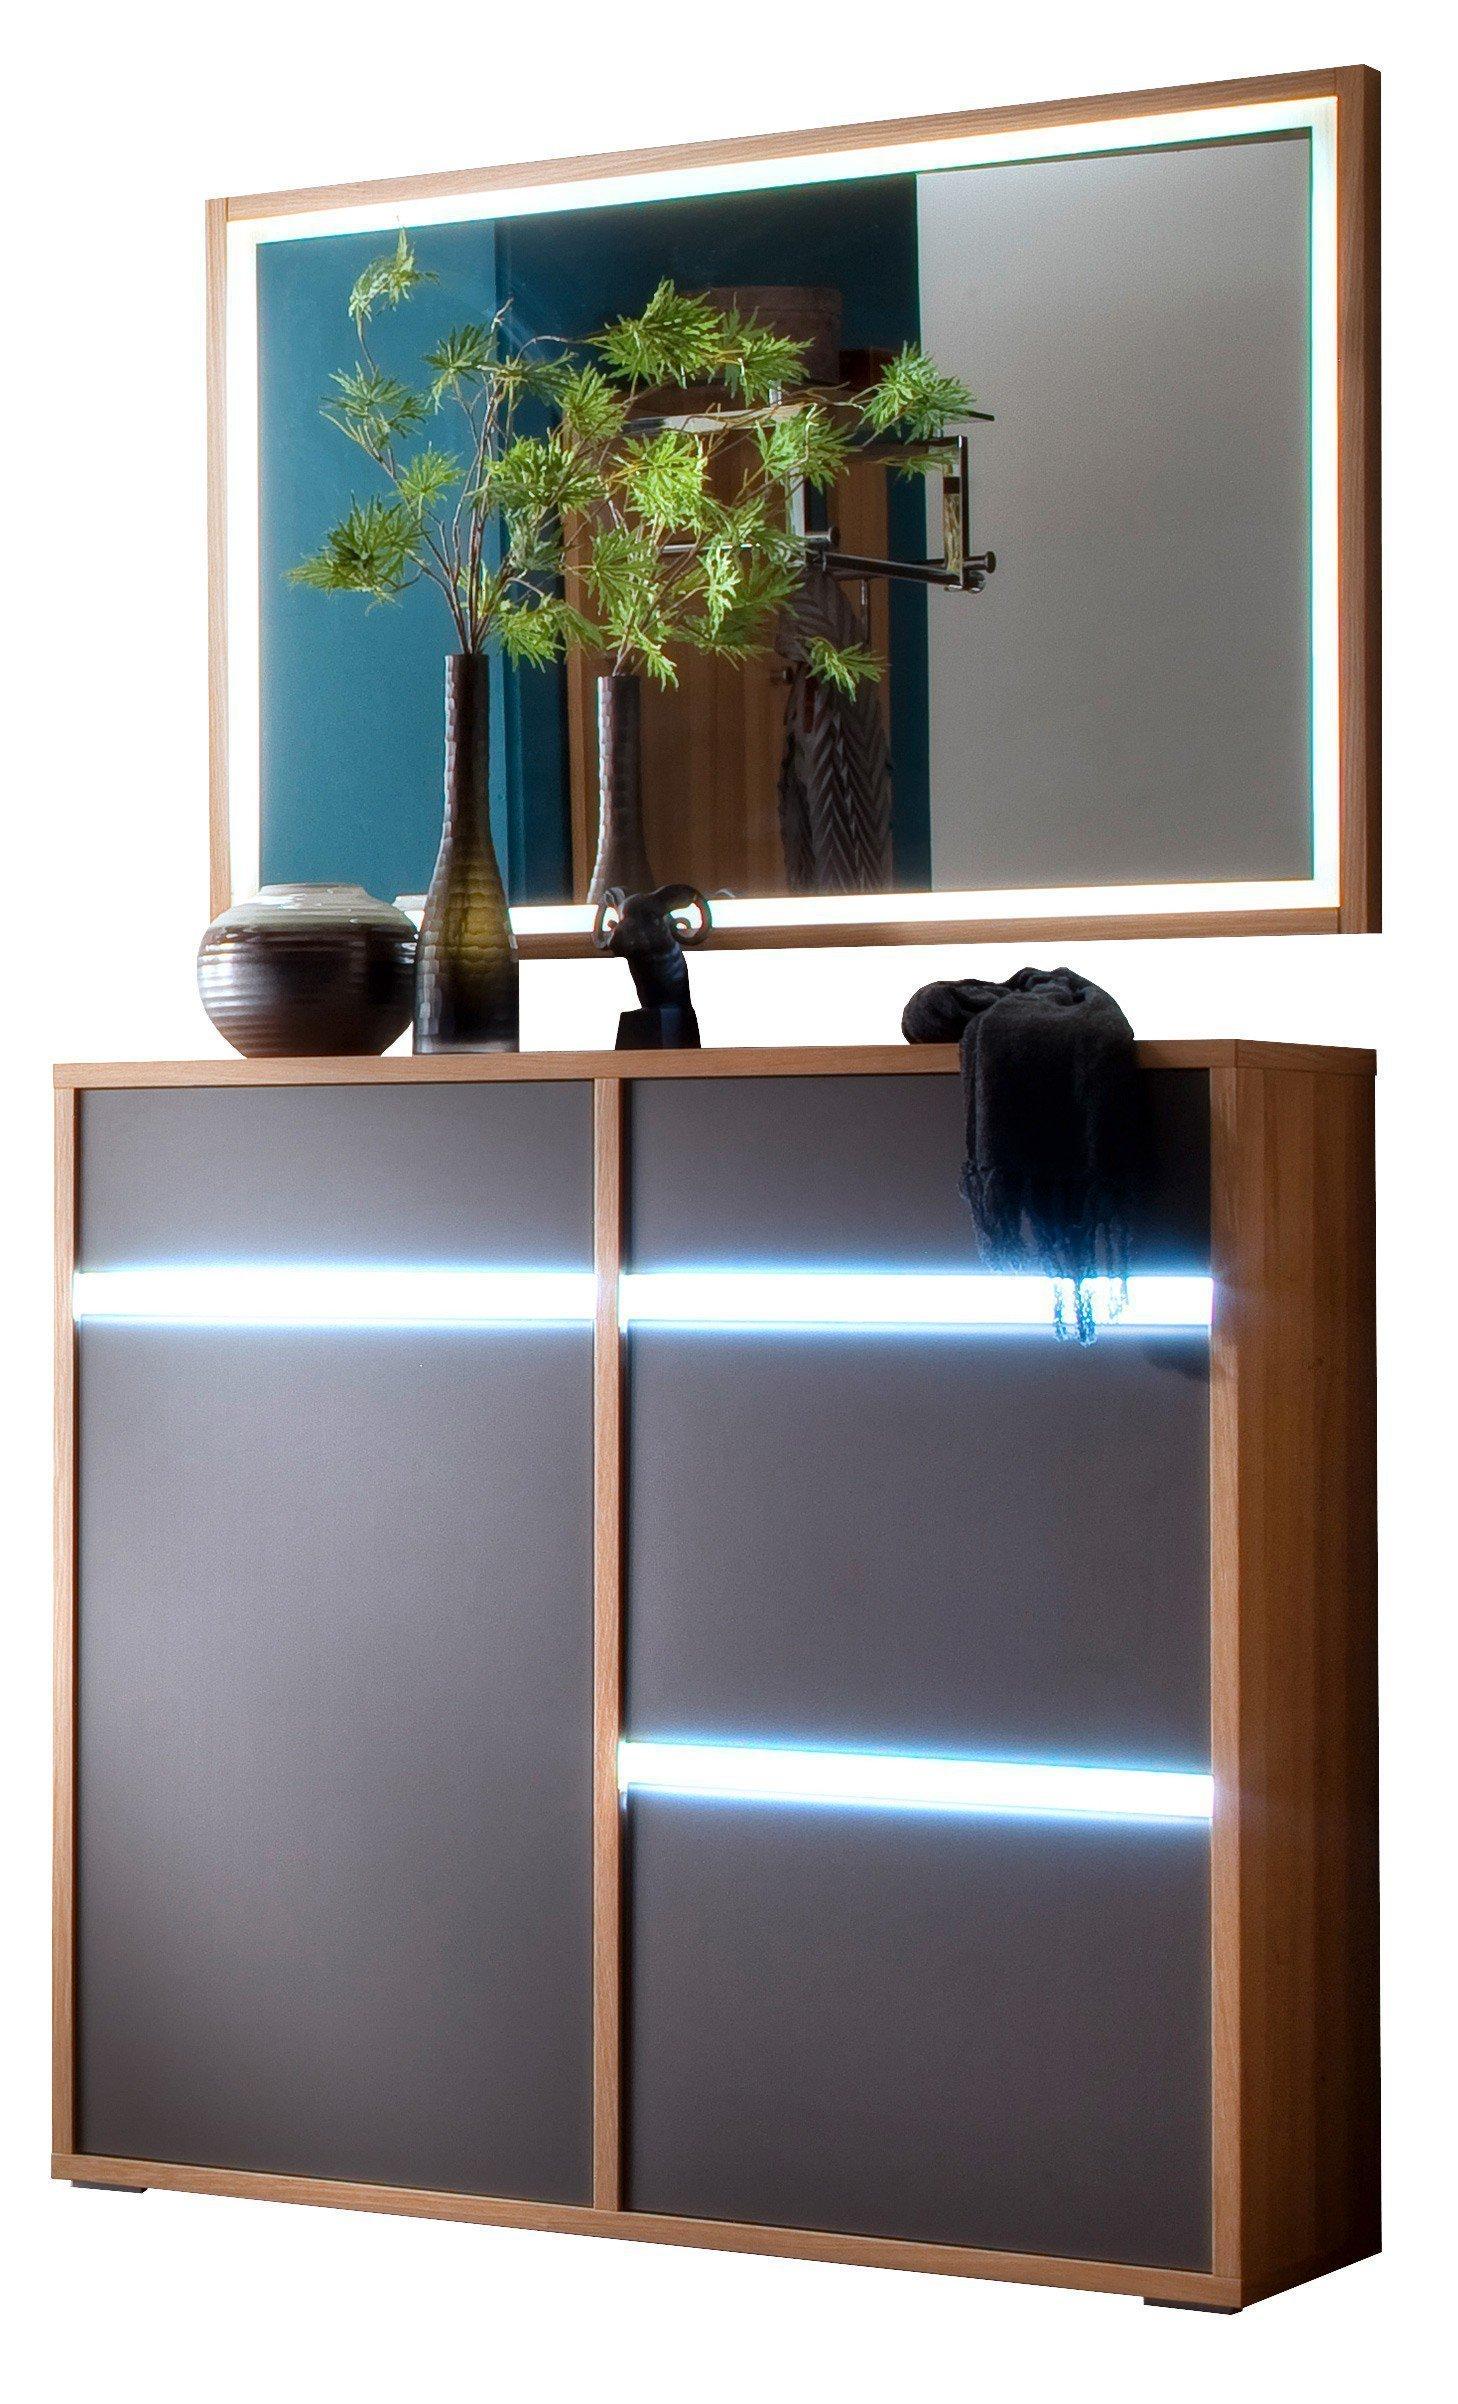 wittenbreder garderobe merano schuhschrank spiegel m bel letz ihr online shop. Black Bedroom Furniture Sets. Home Design Ideas